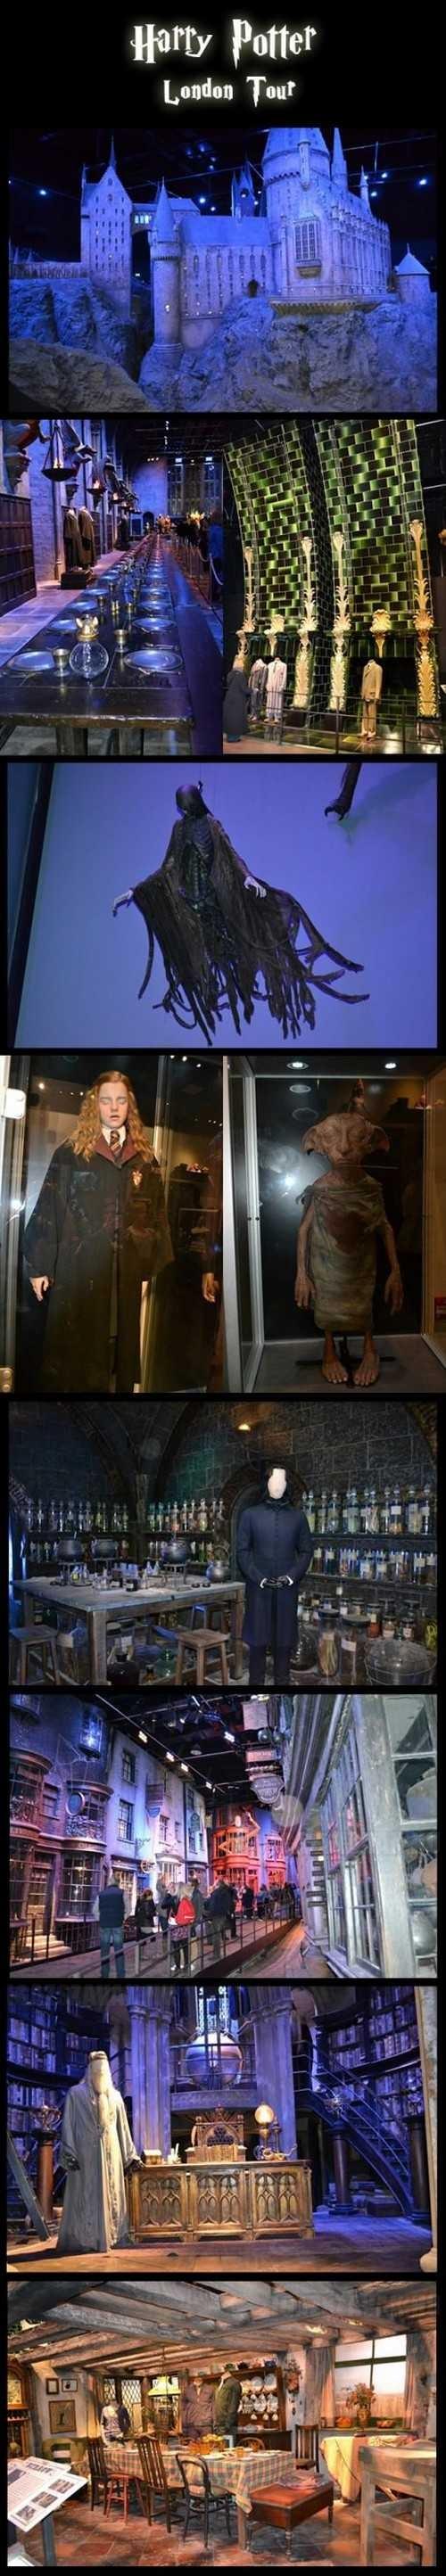 Harry Potter kiállítás, ahova egyszer el kell jutni